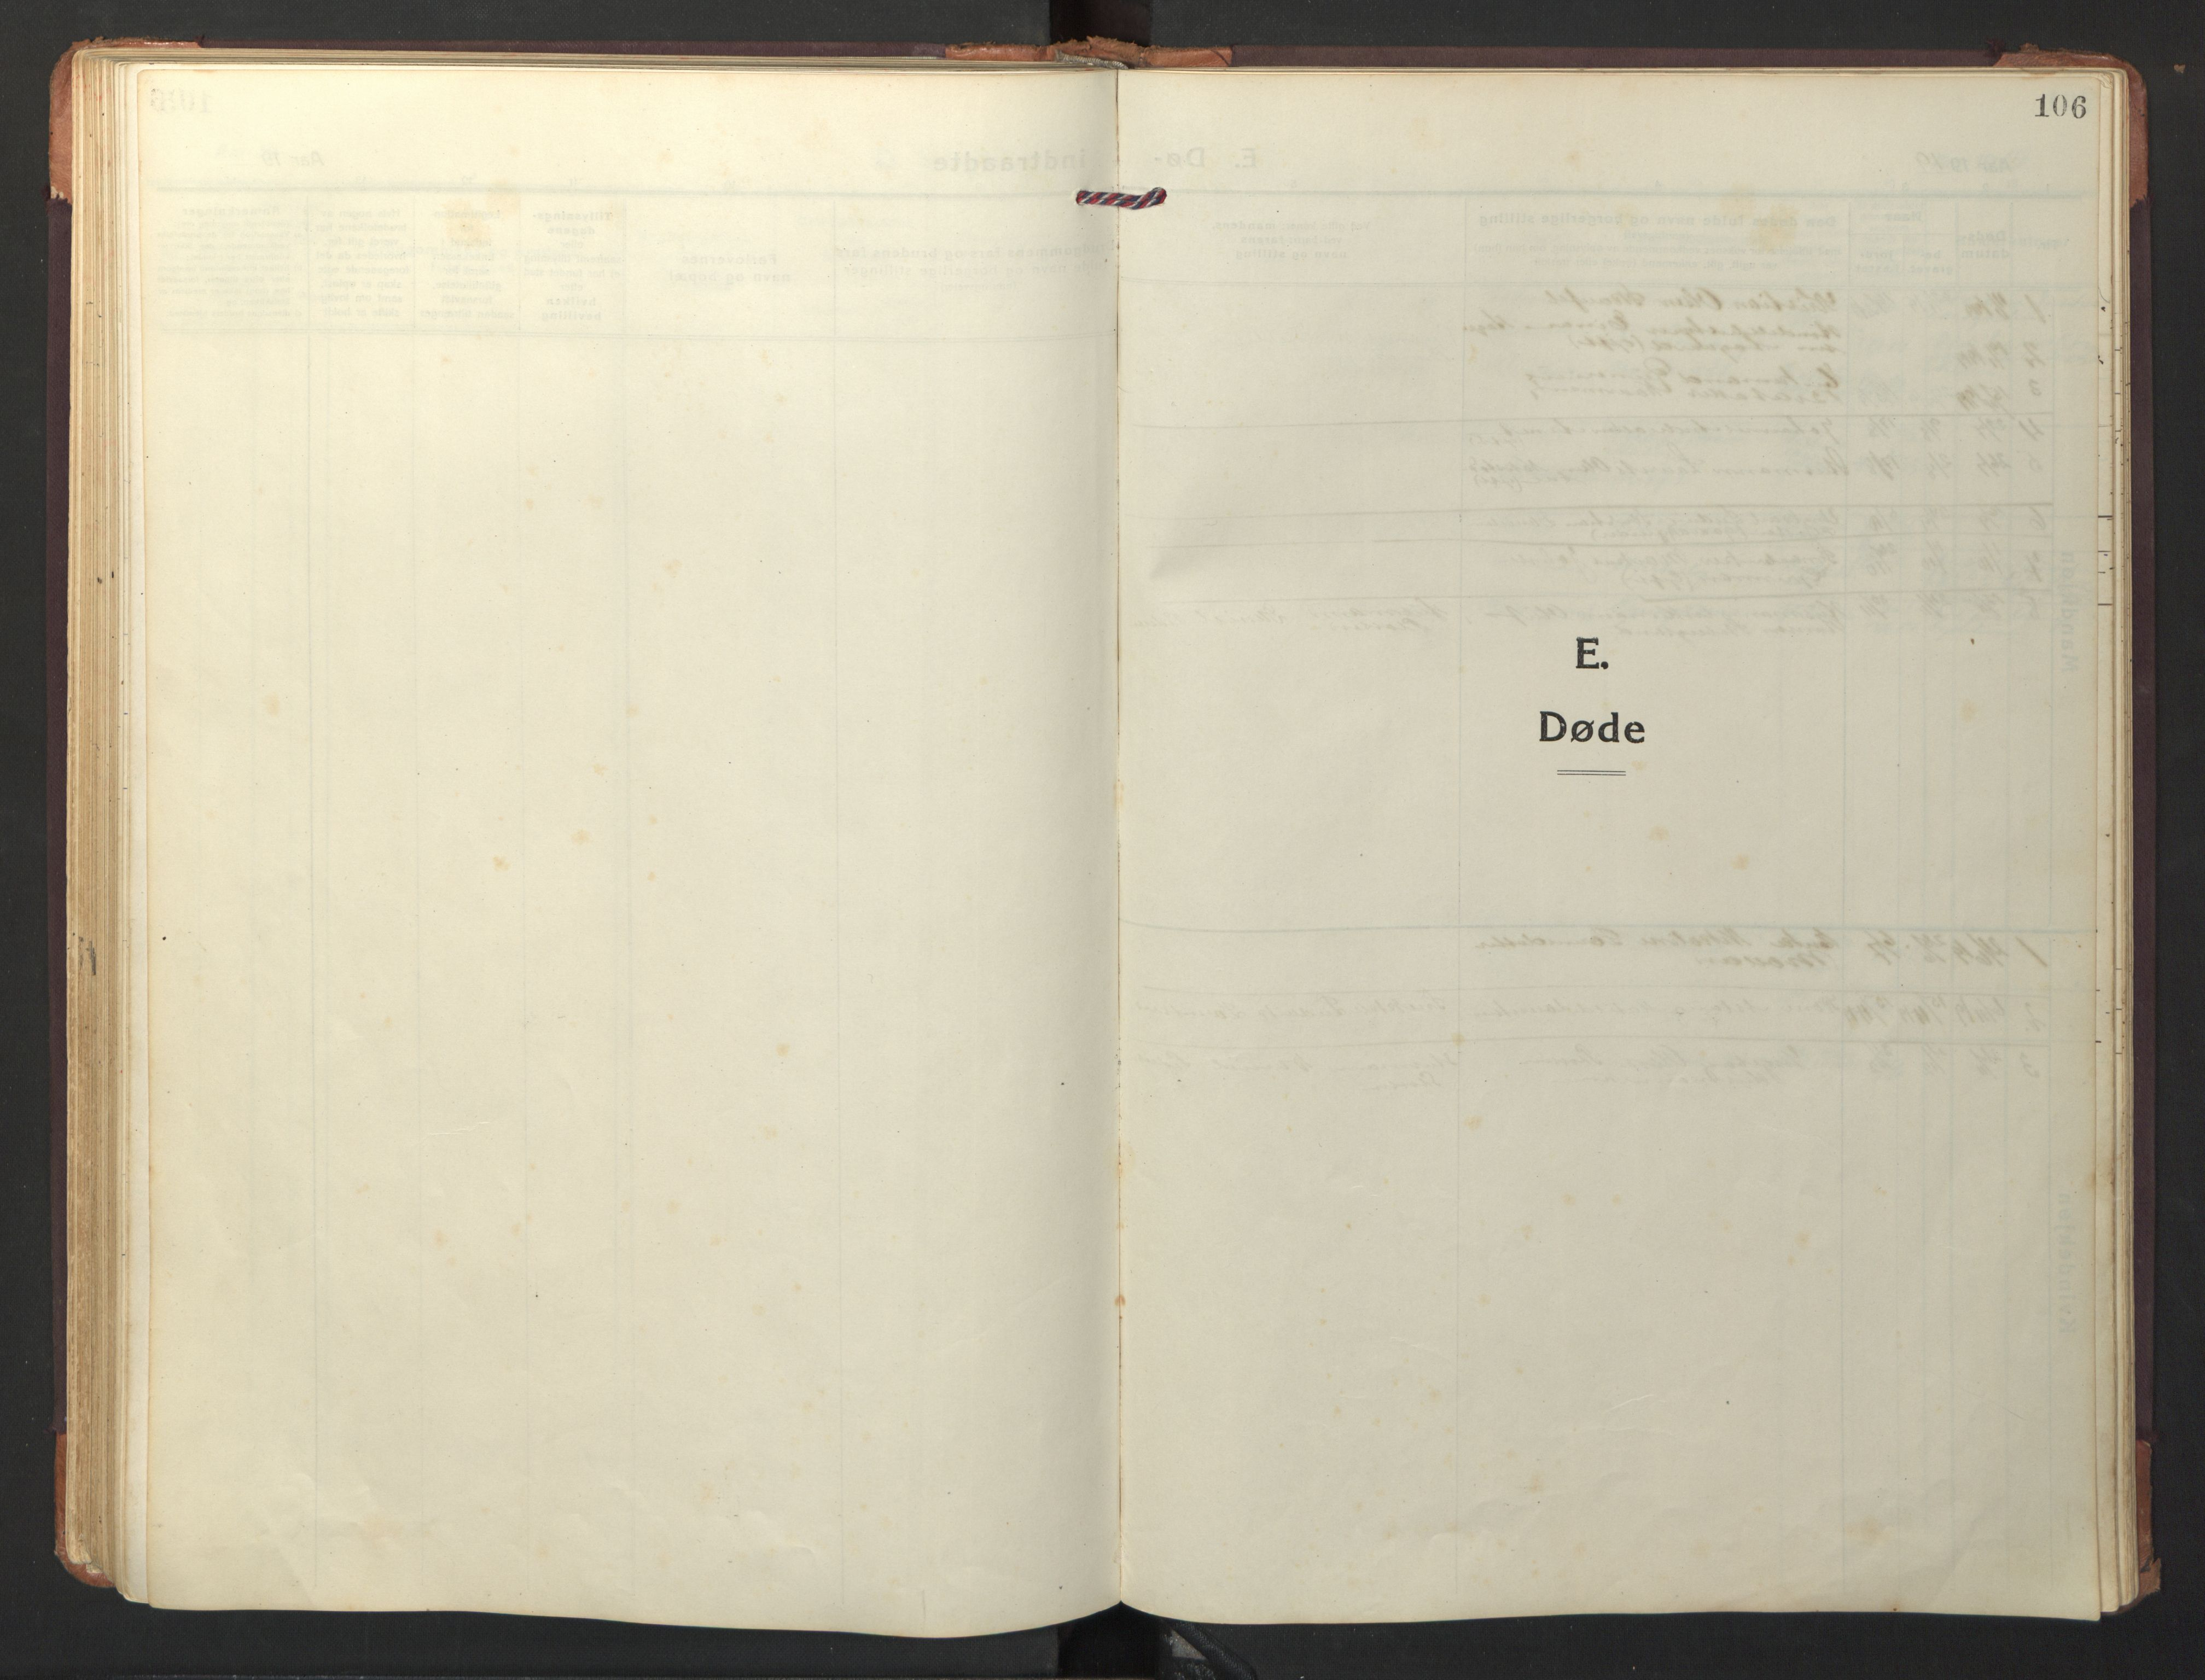 SAT, Ministerialprotokoller, klokkerbøker og fødselsregistre - Nord-Trøndelag, 733/L0328: Klokkerbok nr. 733C03, 1919-1966, s. 106